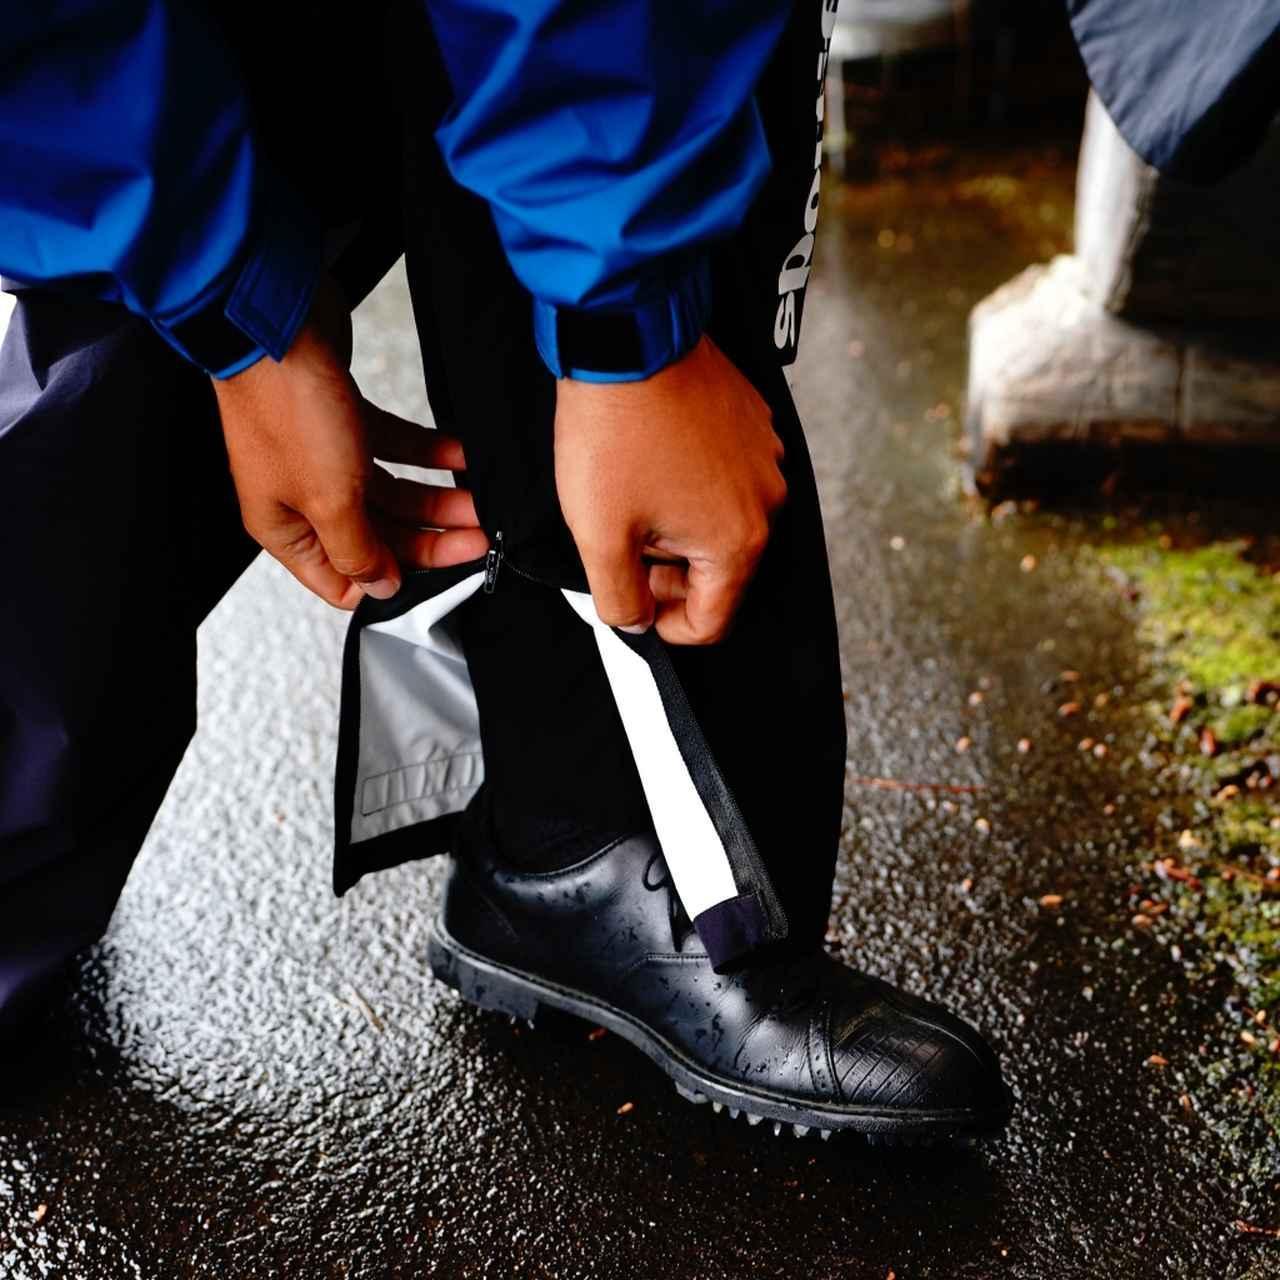 画像: メッシュ裏地はスパイクが引っかかるので靴を脱ぐ必要があるが、これは履いたままで平気